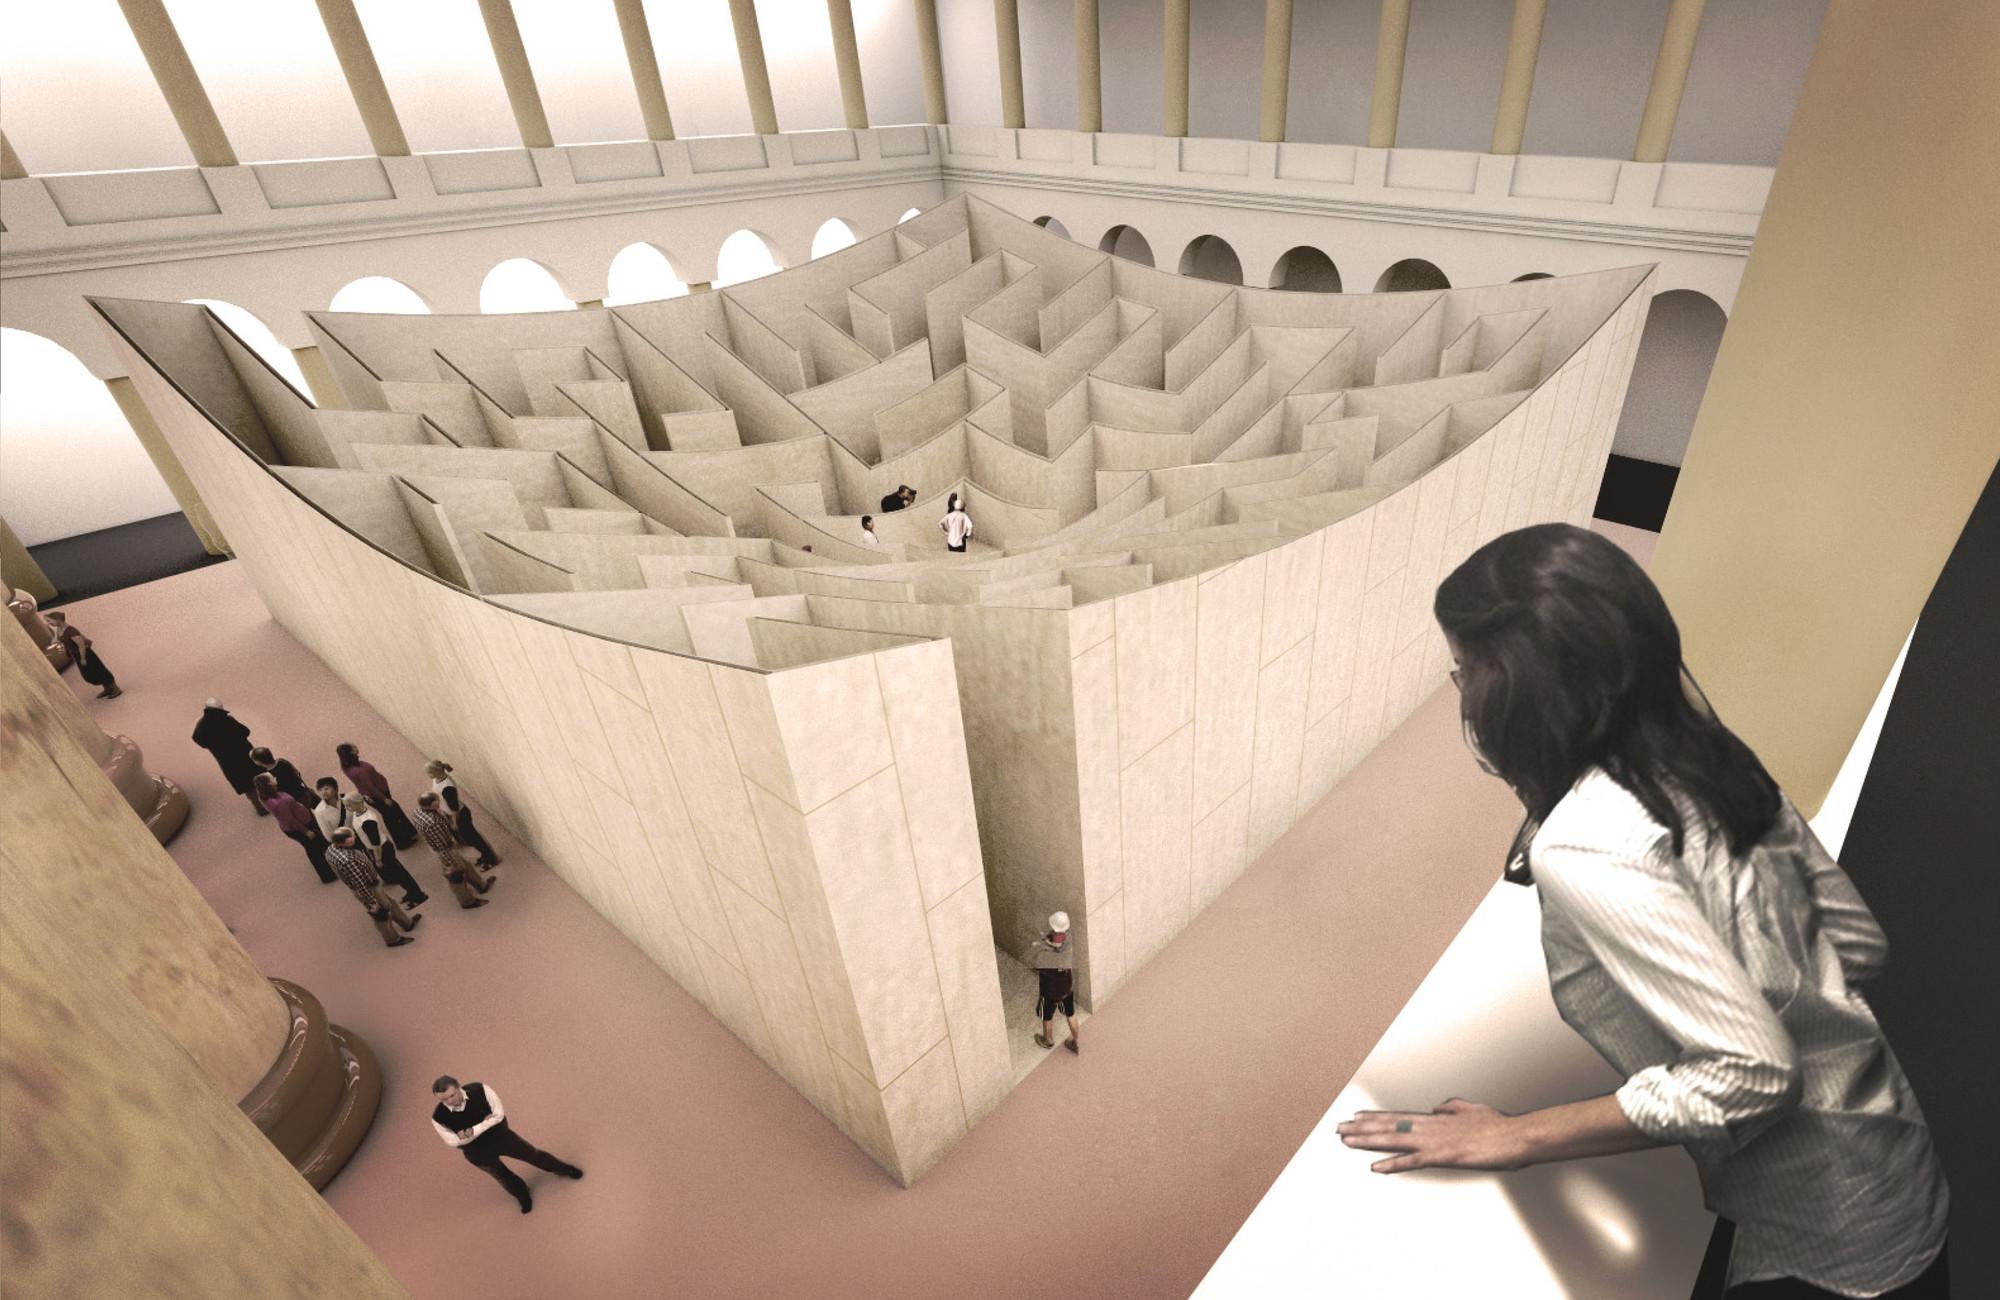 Big Design Labyrinth Atrium National